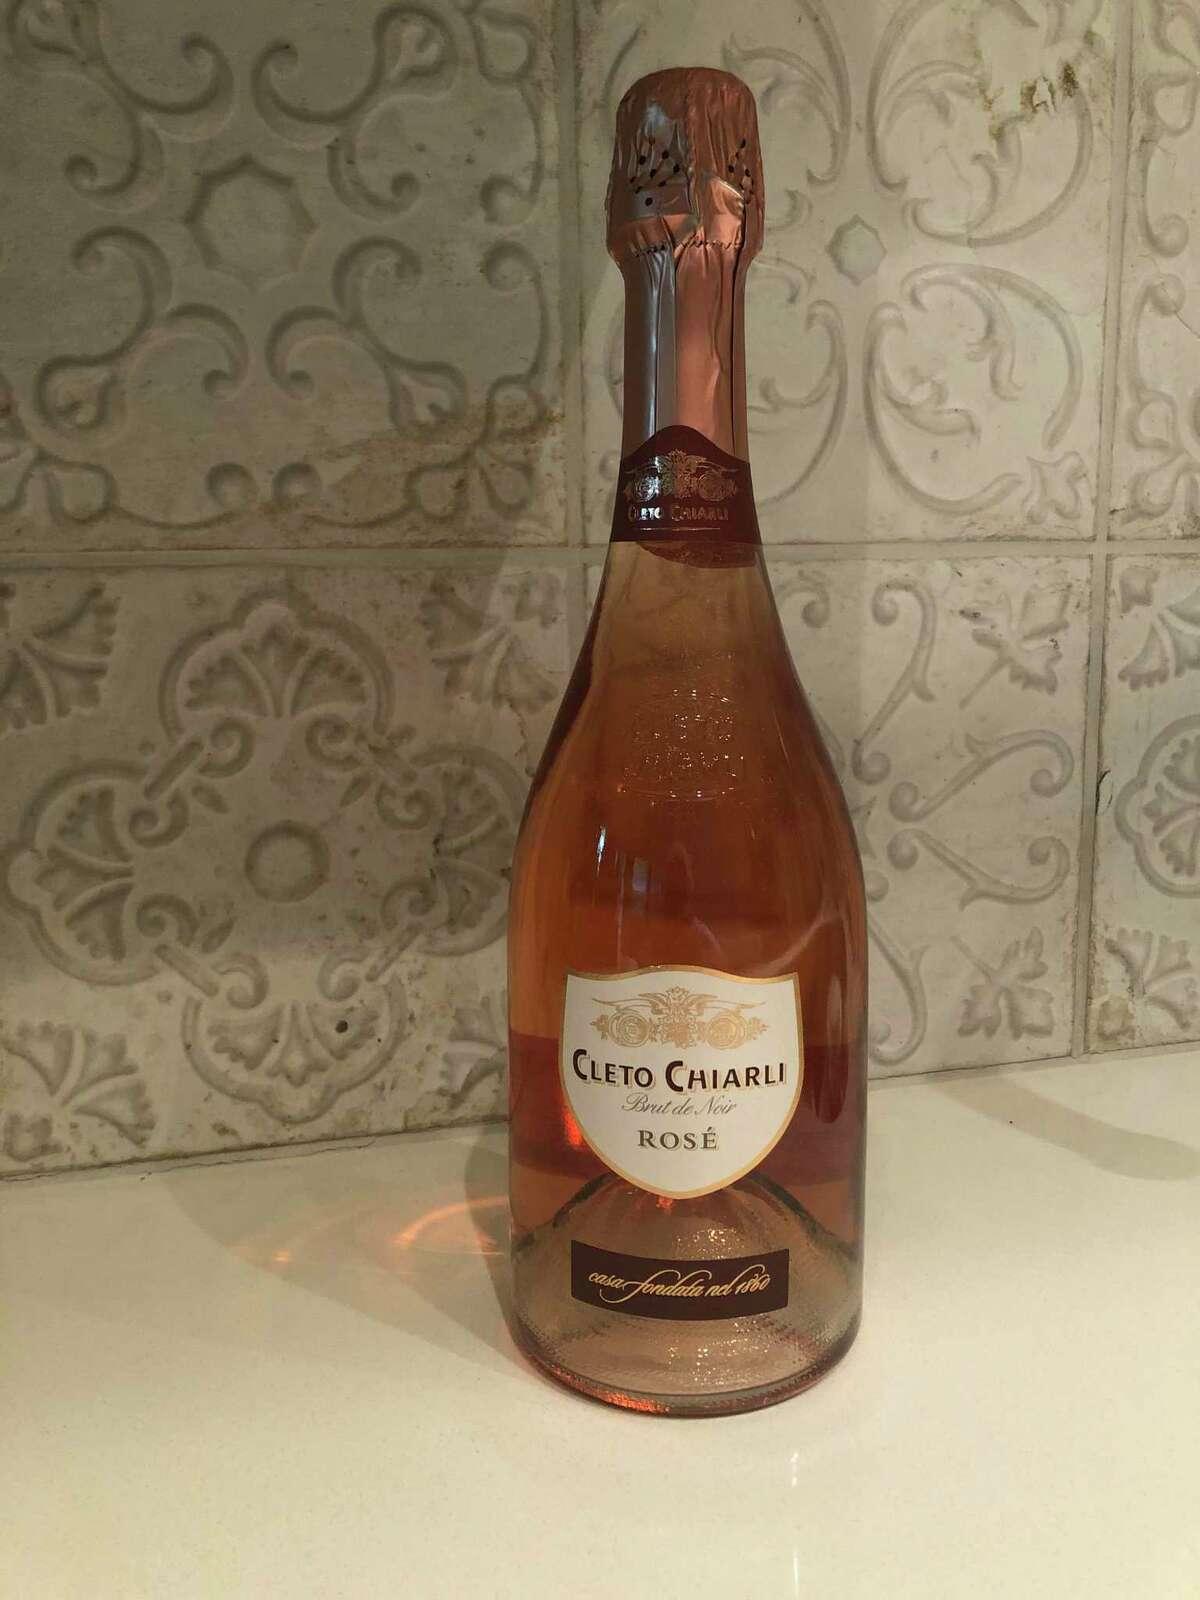 Cleto Chiarli Brut de Noir Rosé